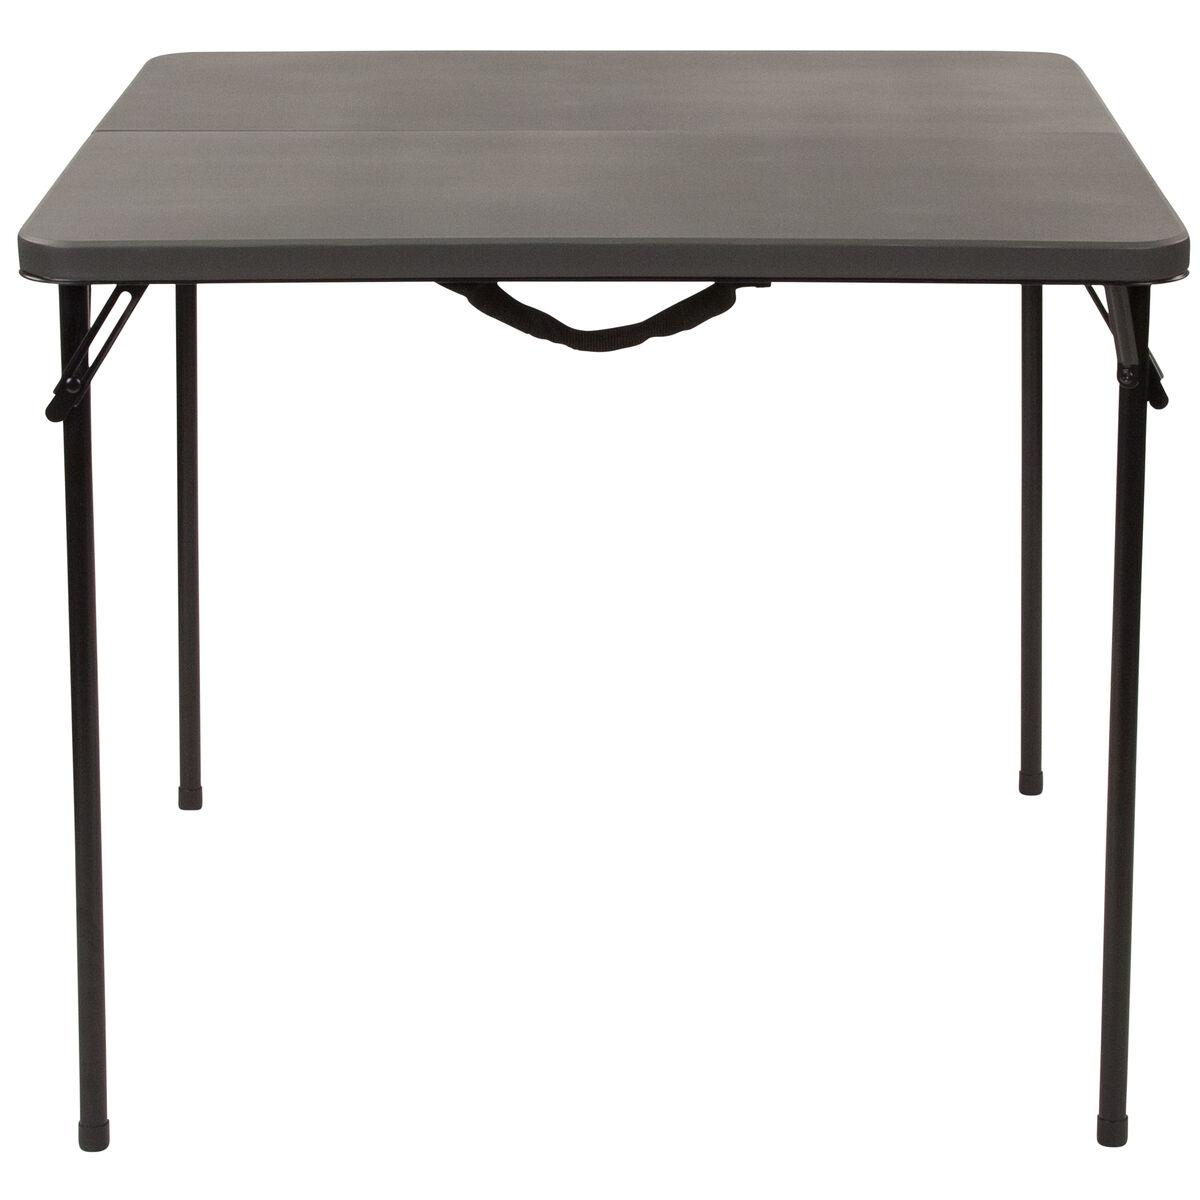 34sq gray plastic fold table dad lf 86 dg gg bizchair com